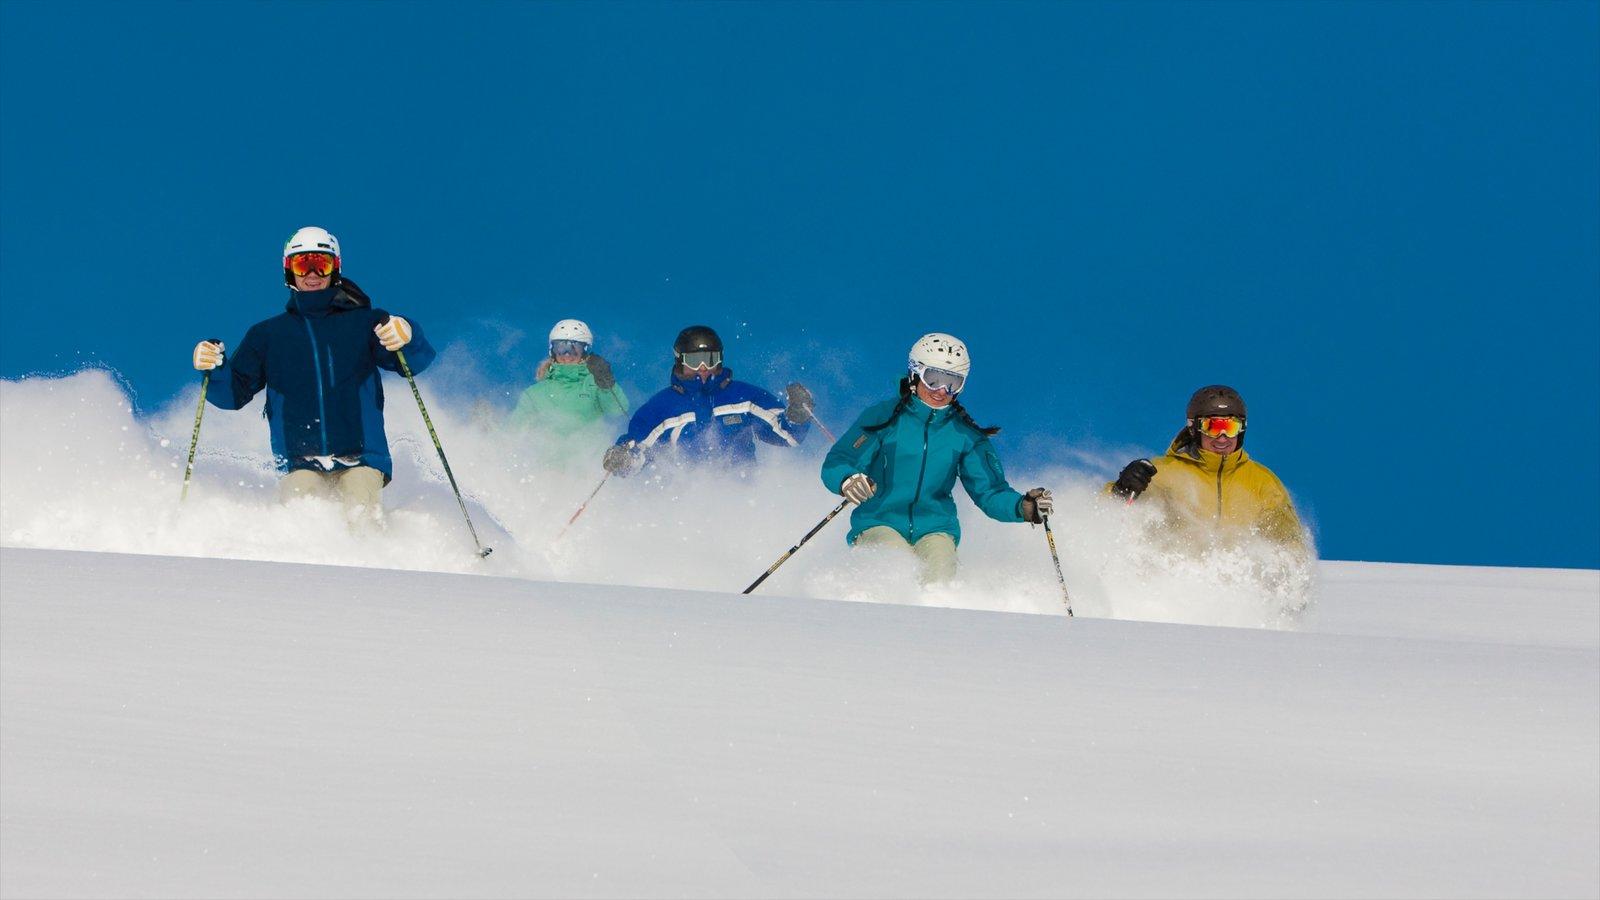 Vail - Beaver Creek mostrando neve e esqui na neve assim como um pequeno grupo de pessoas